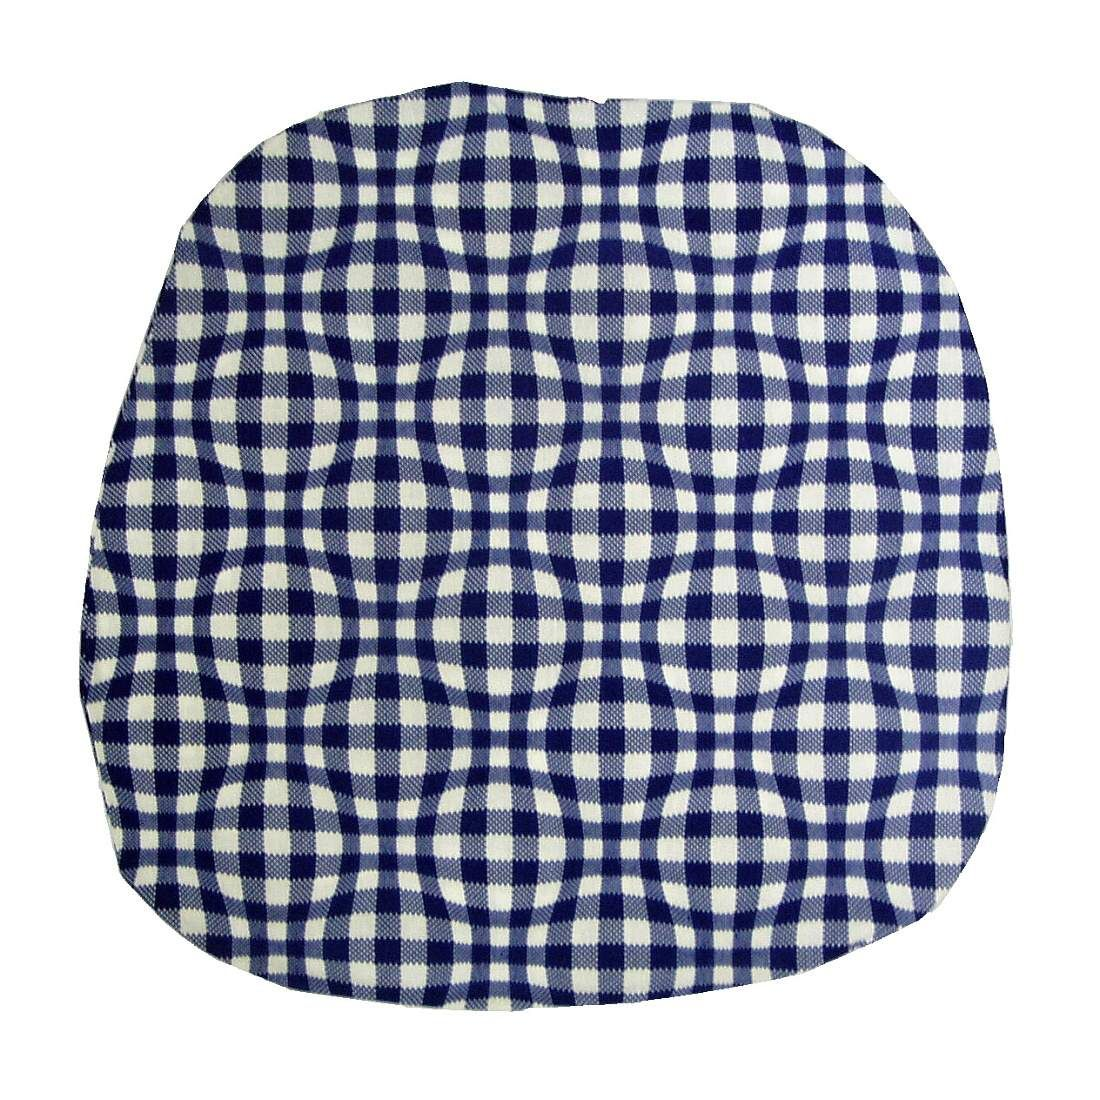 Povlak na kuchyňský sedák Kostka modrá Dadka